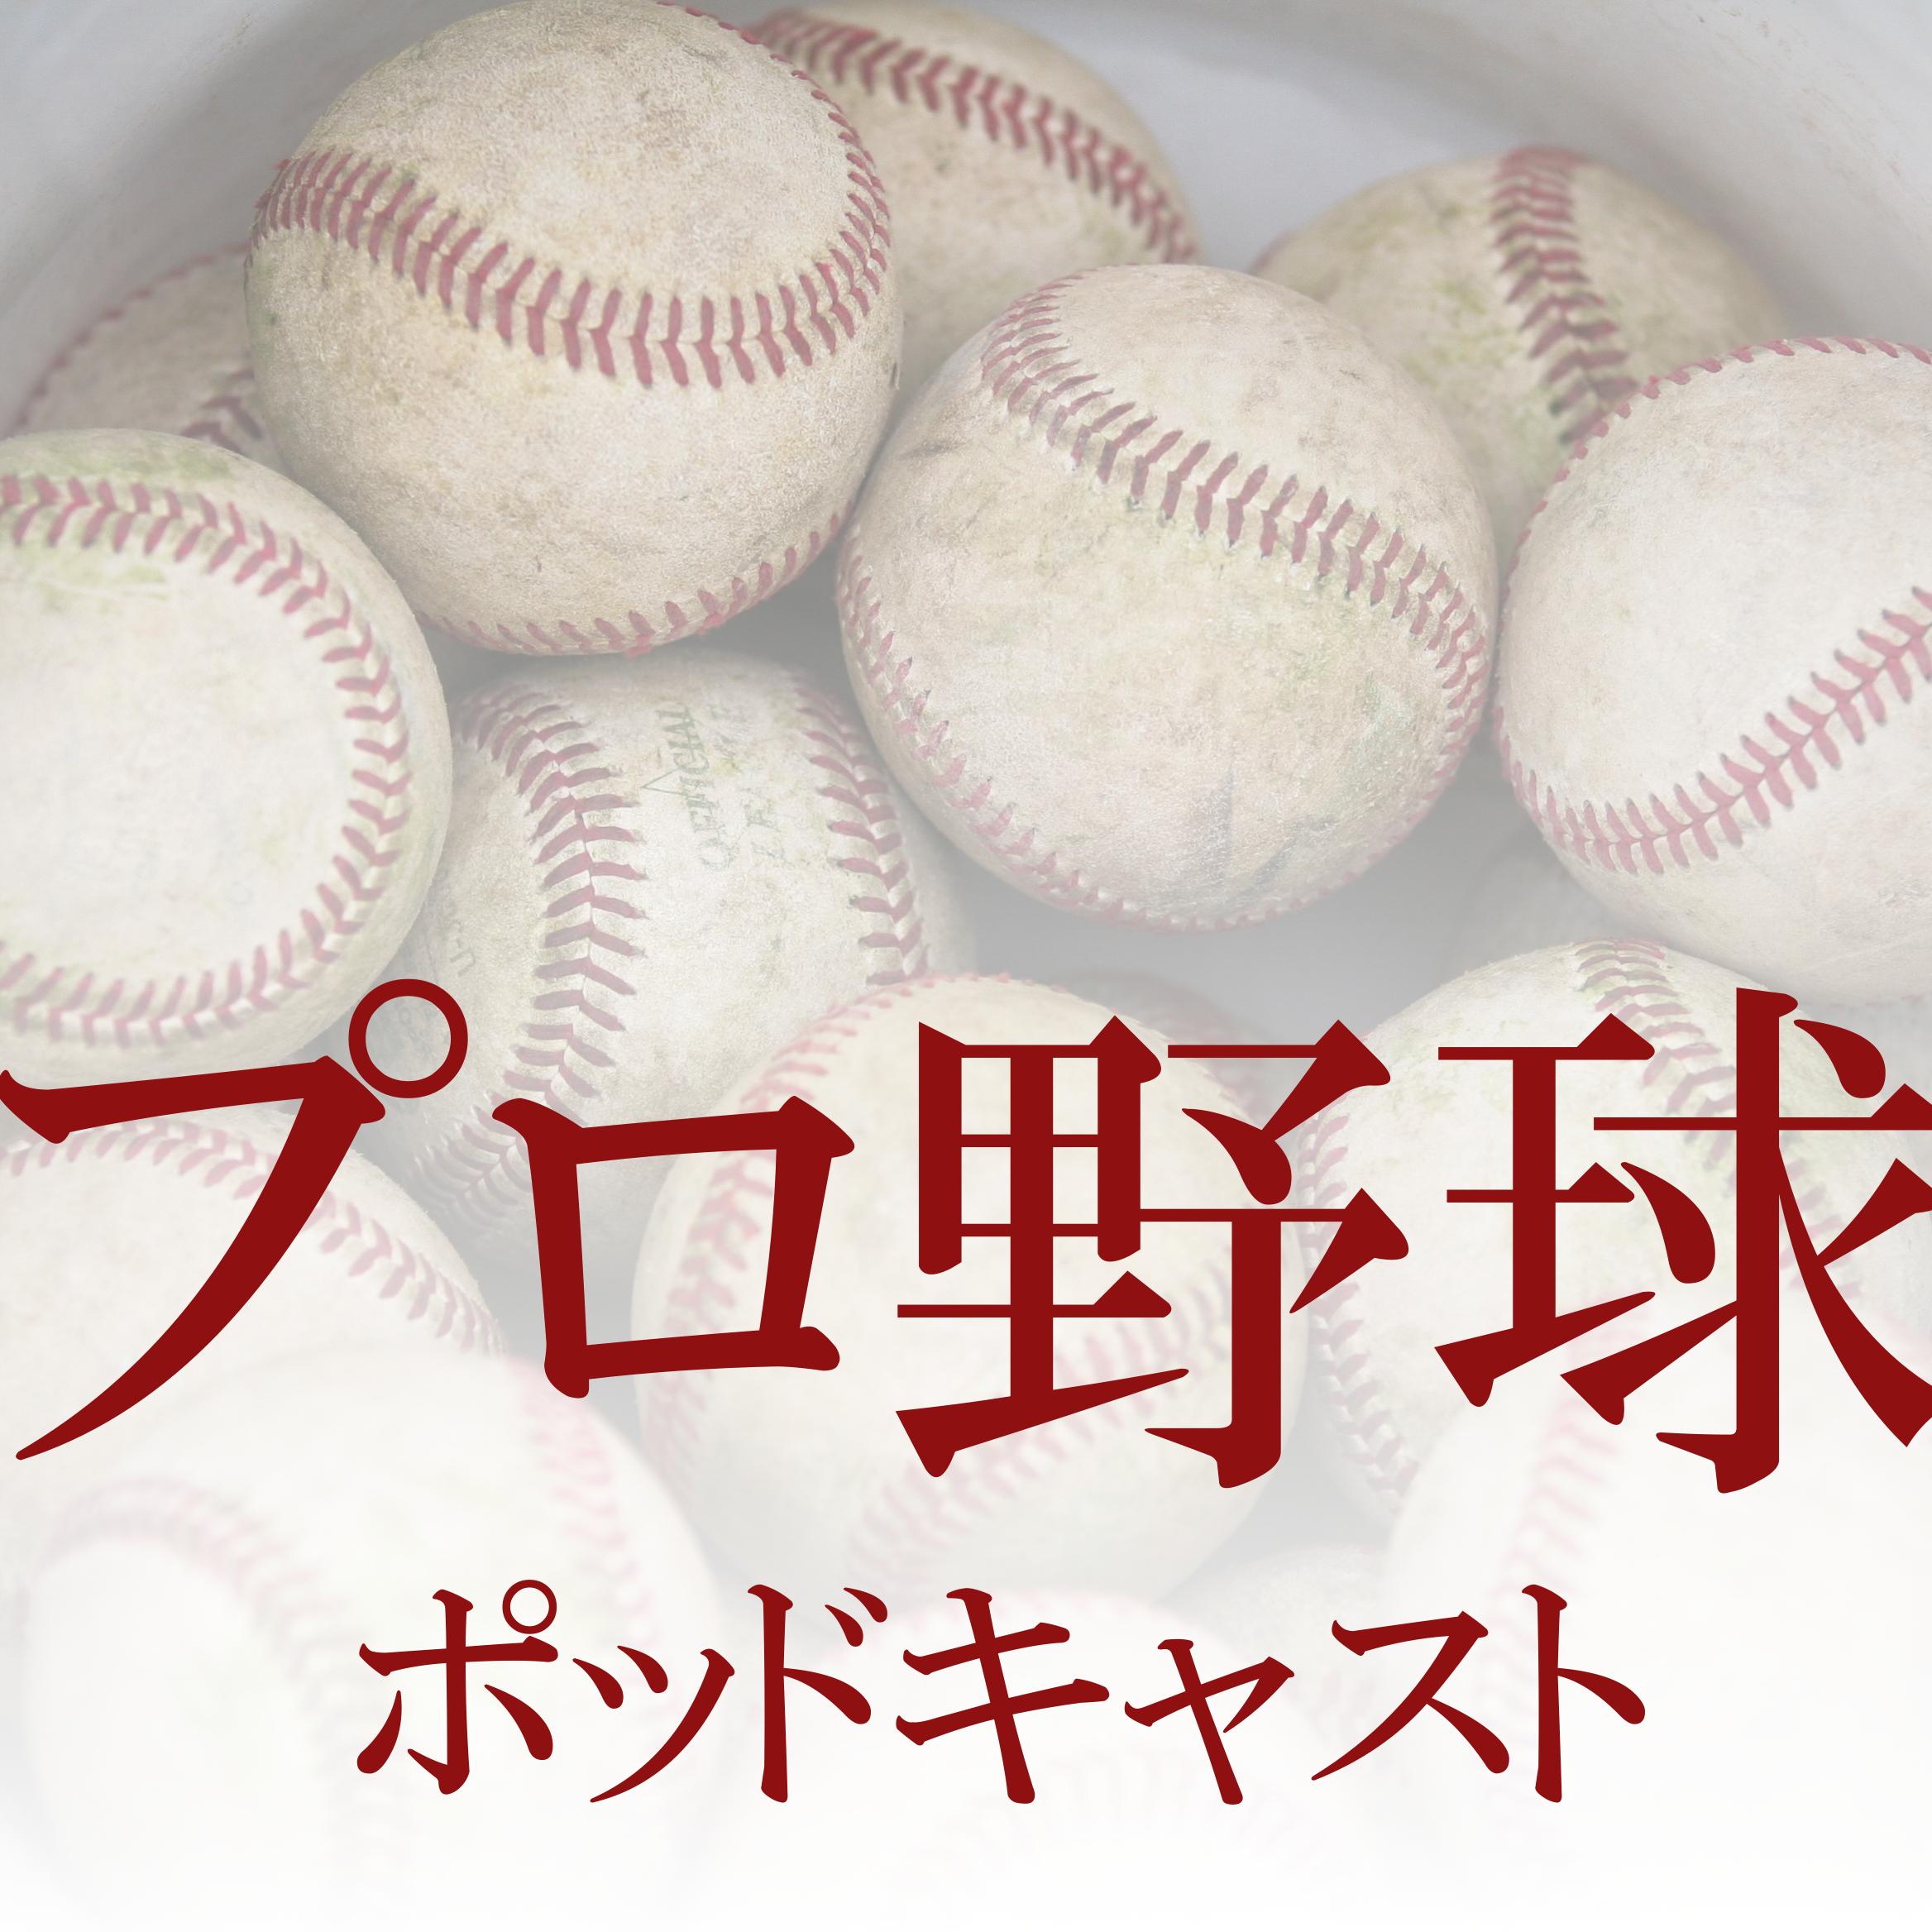 阪神タイガースvol.1 16年4月(イシガさん)